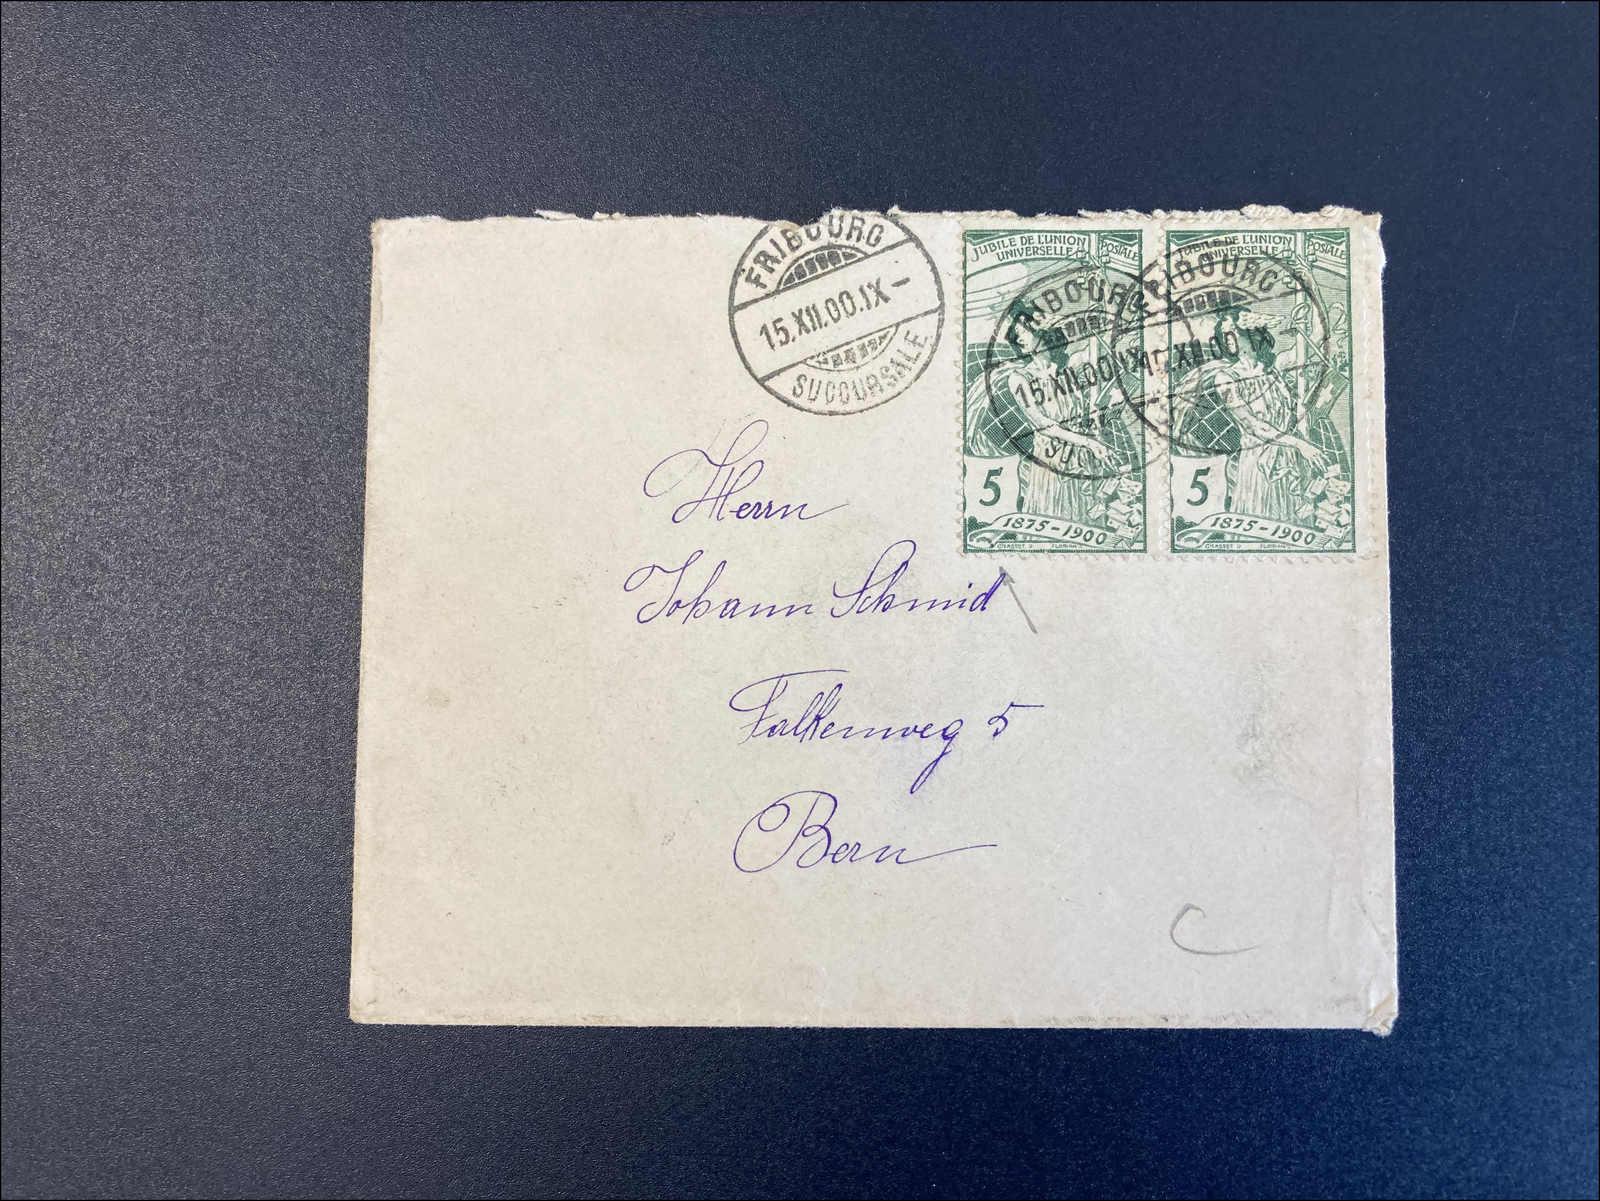 Lot 117 - schweiz schweiz weltpostverein -  Rolli Auctions Auction #68 Day 1